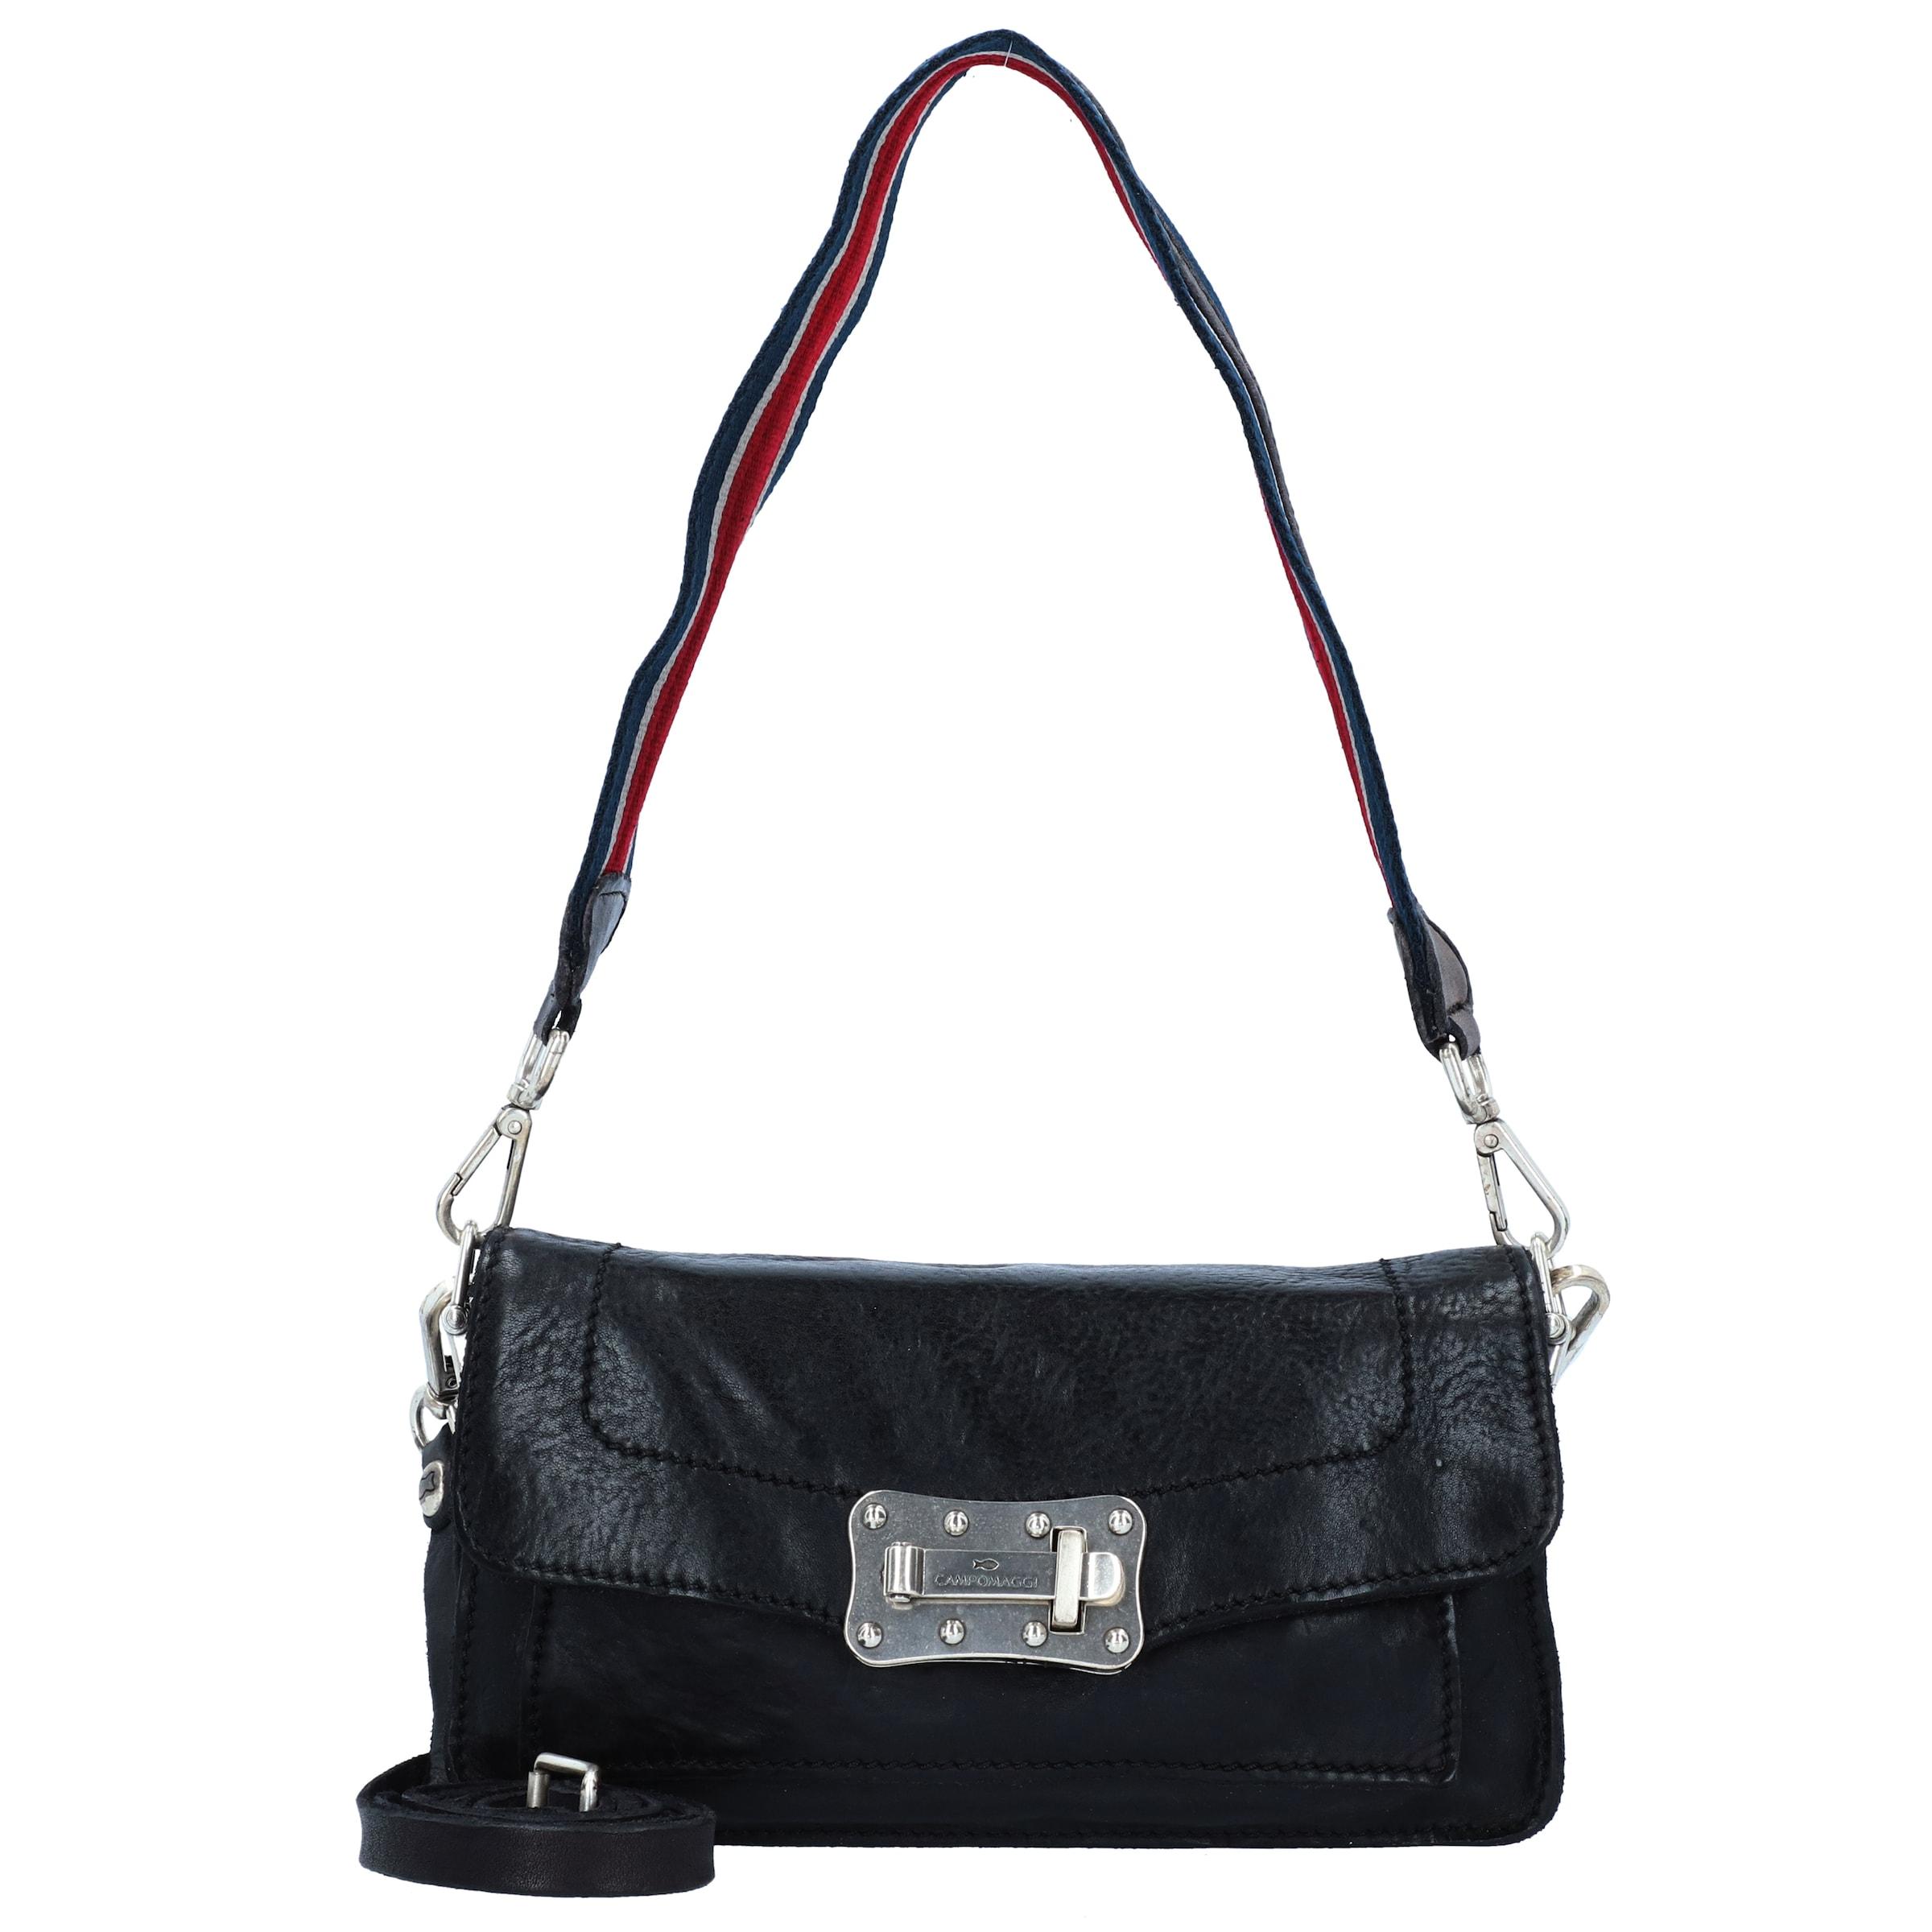 Campomaggi Schwarz In Handtasche Handtasche Handtasche In Handtasche In Schwarz In Campomaggi Campomaggi Campomaggi Schwarz gy76bYfv